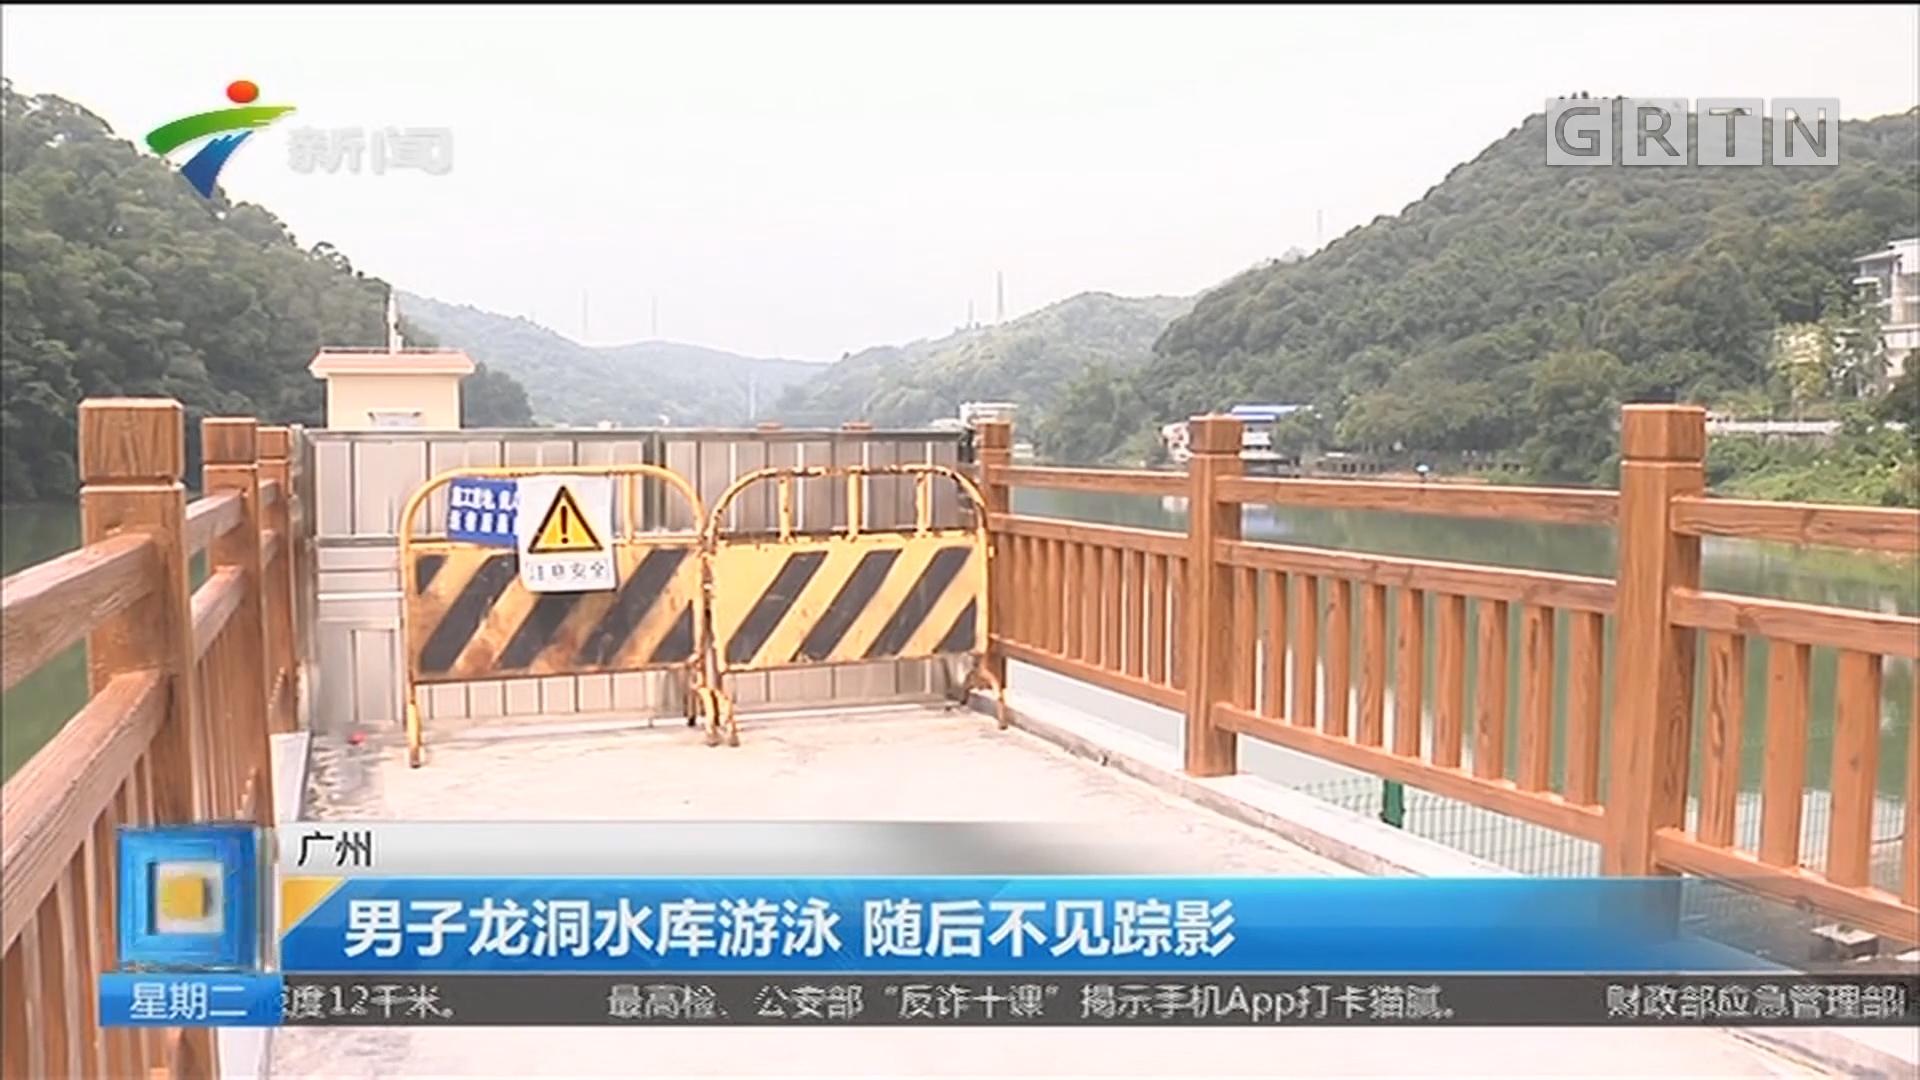 广州:男子龙洞水库游泳 随后不见踪影